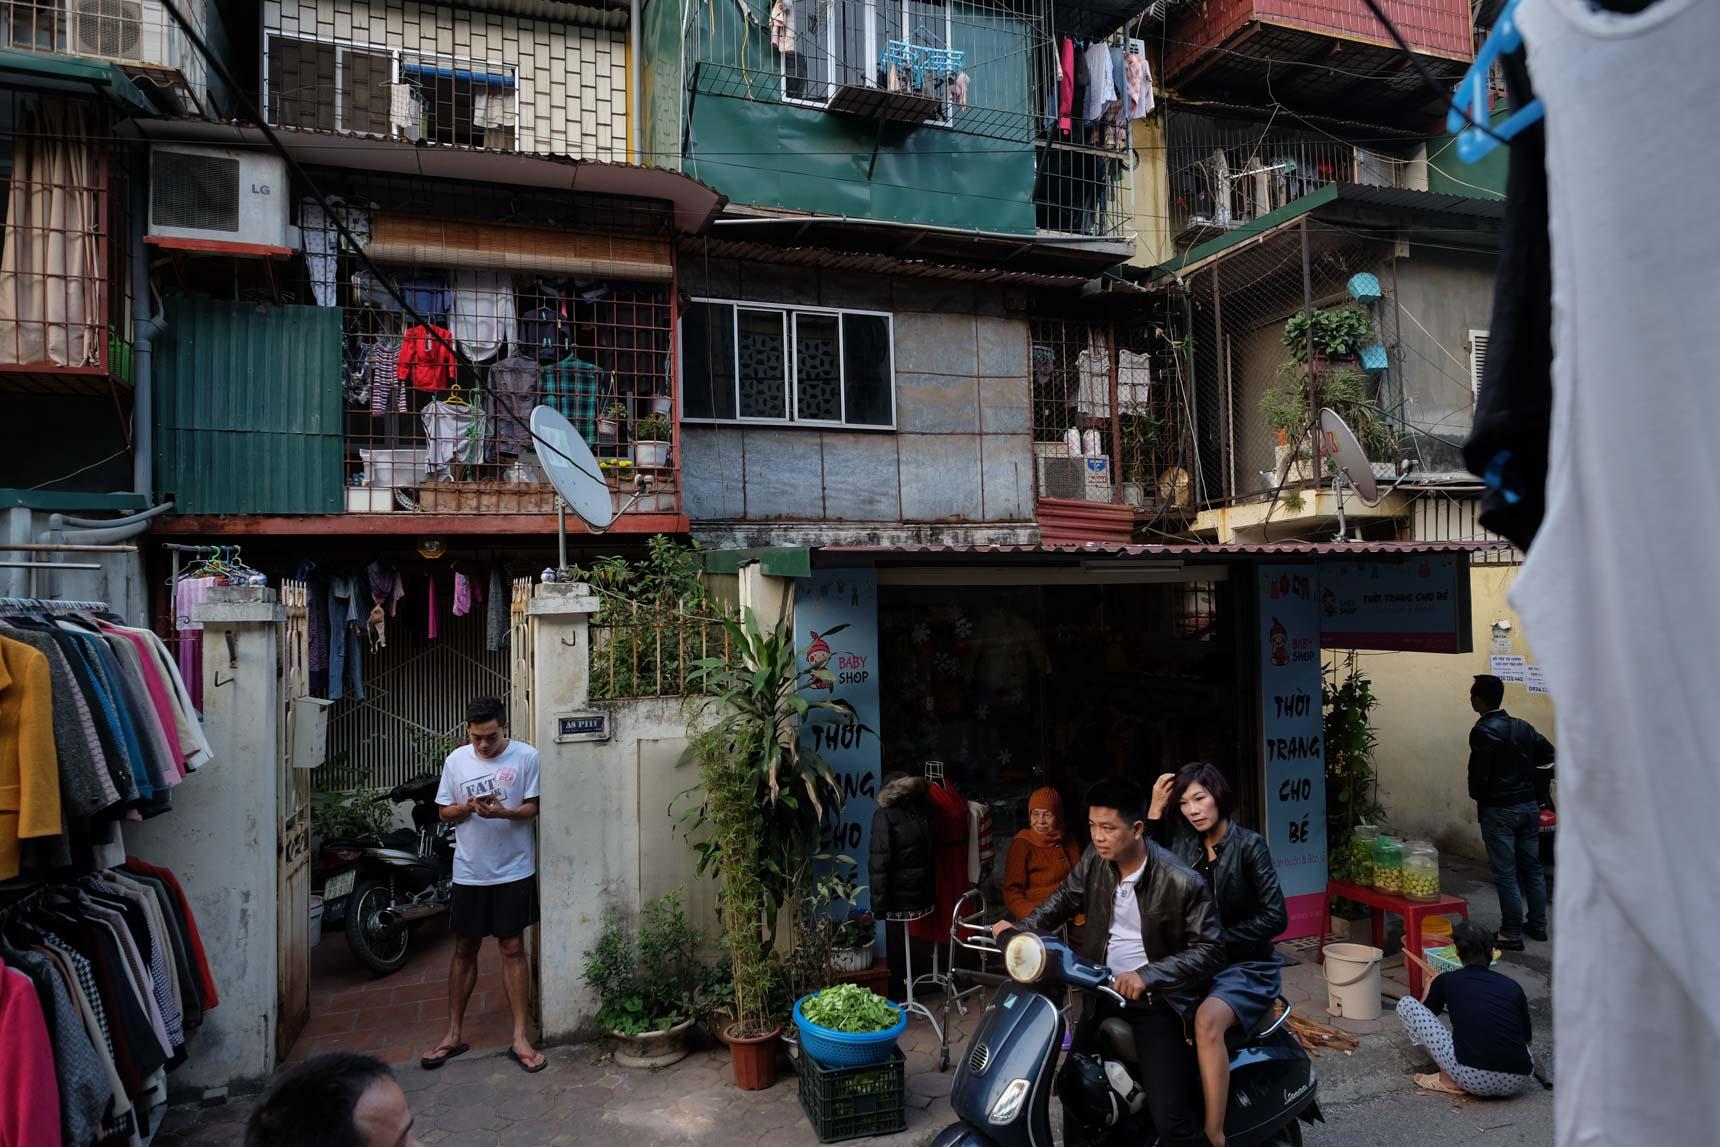 Back Alley, Nghĩa Tân, Cầu Giấy District